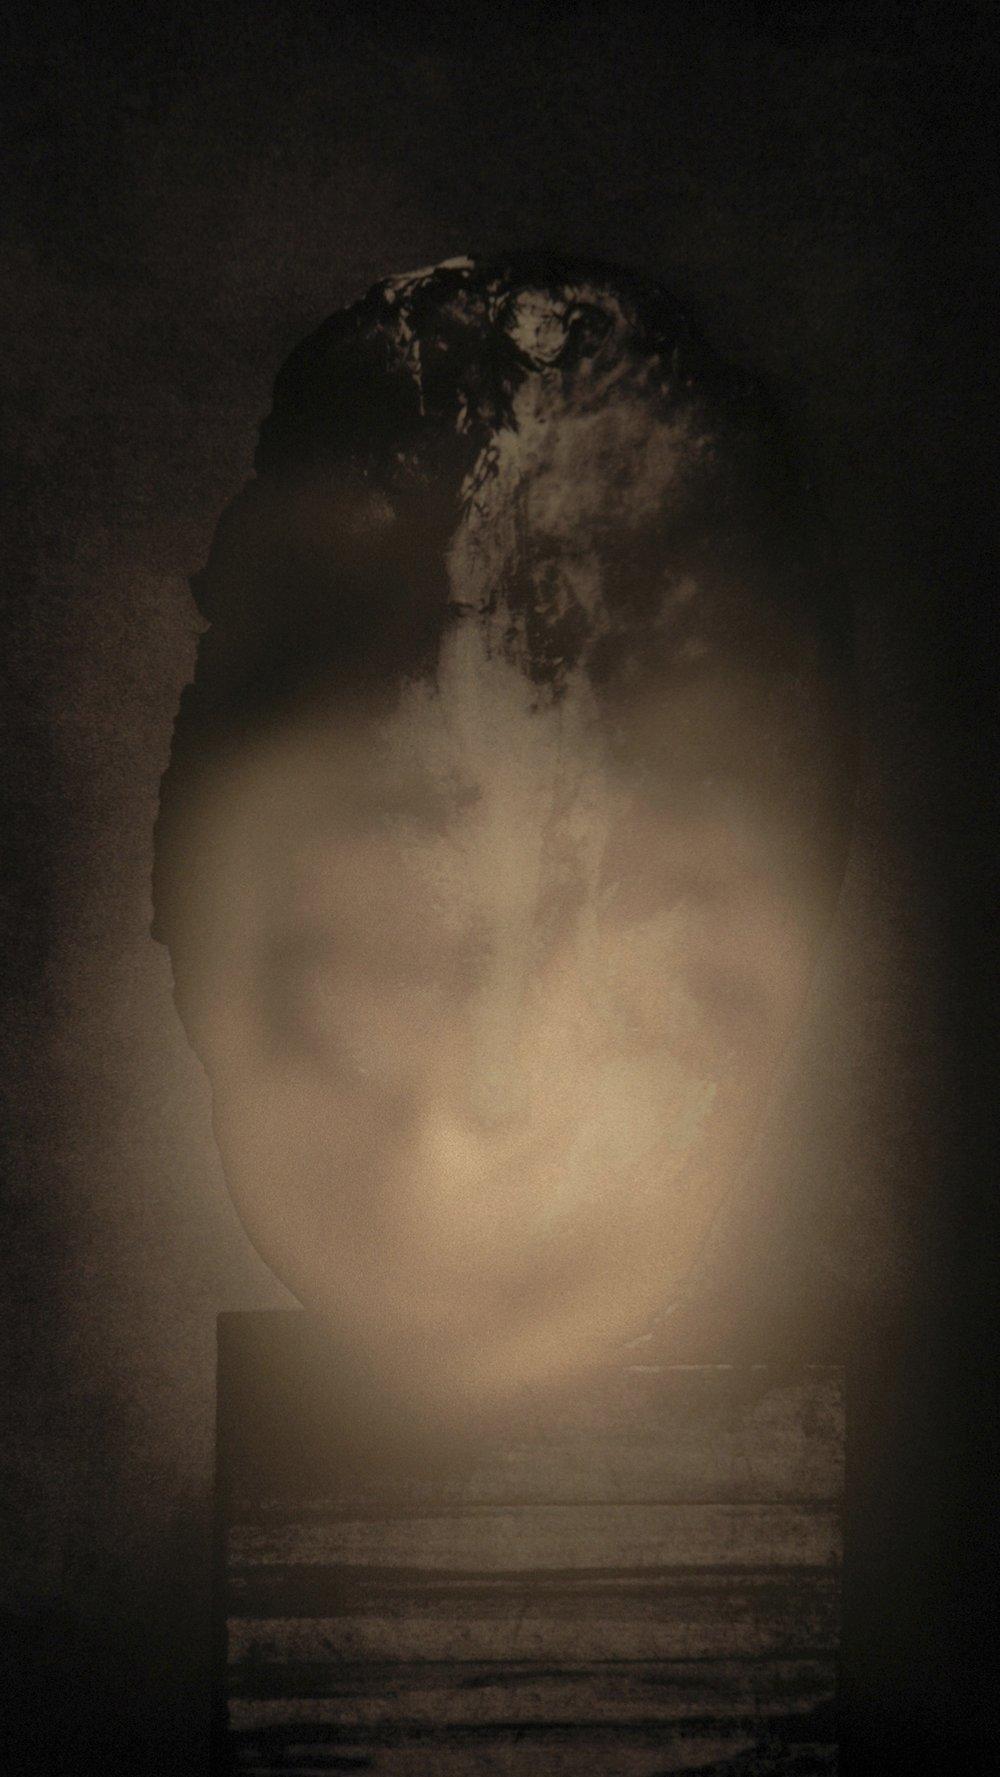 Erin Shirreff  Medardo Rosso, Madame X, 1896  2013 Color video, silent 24 min. loop